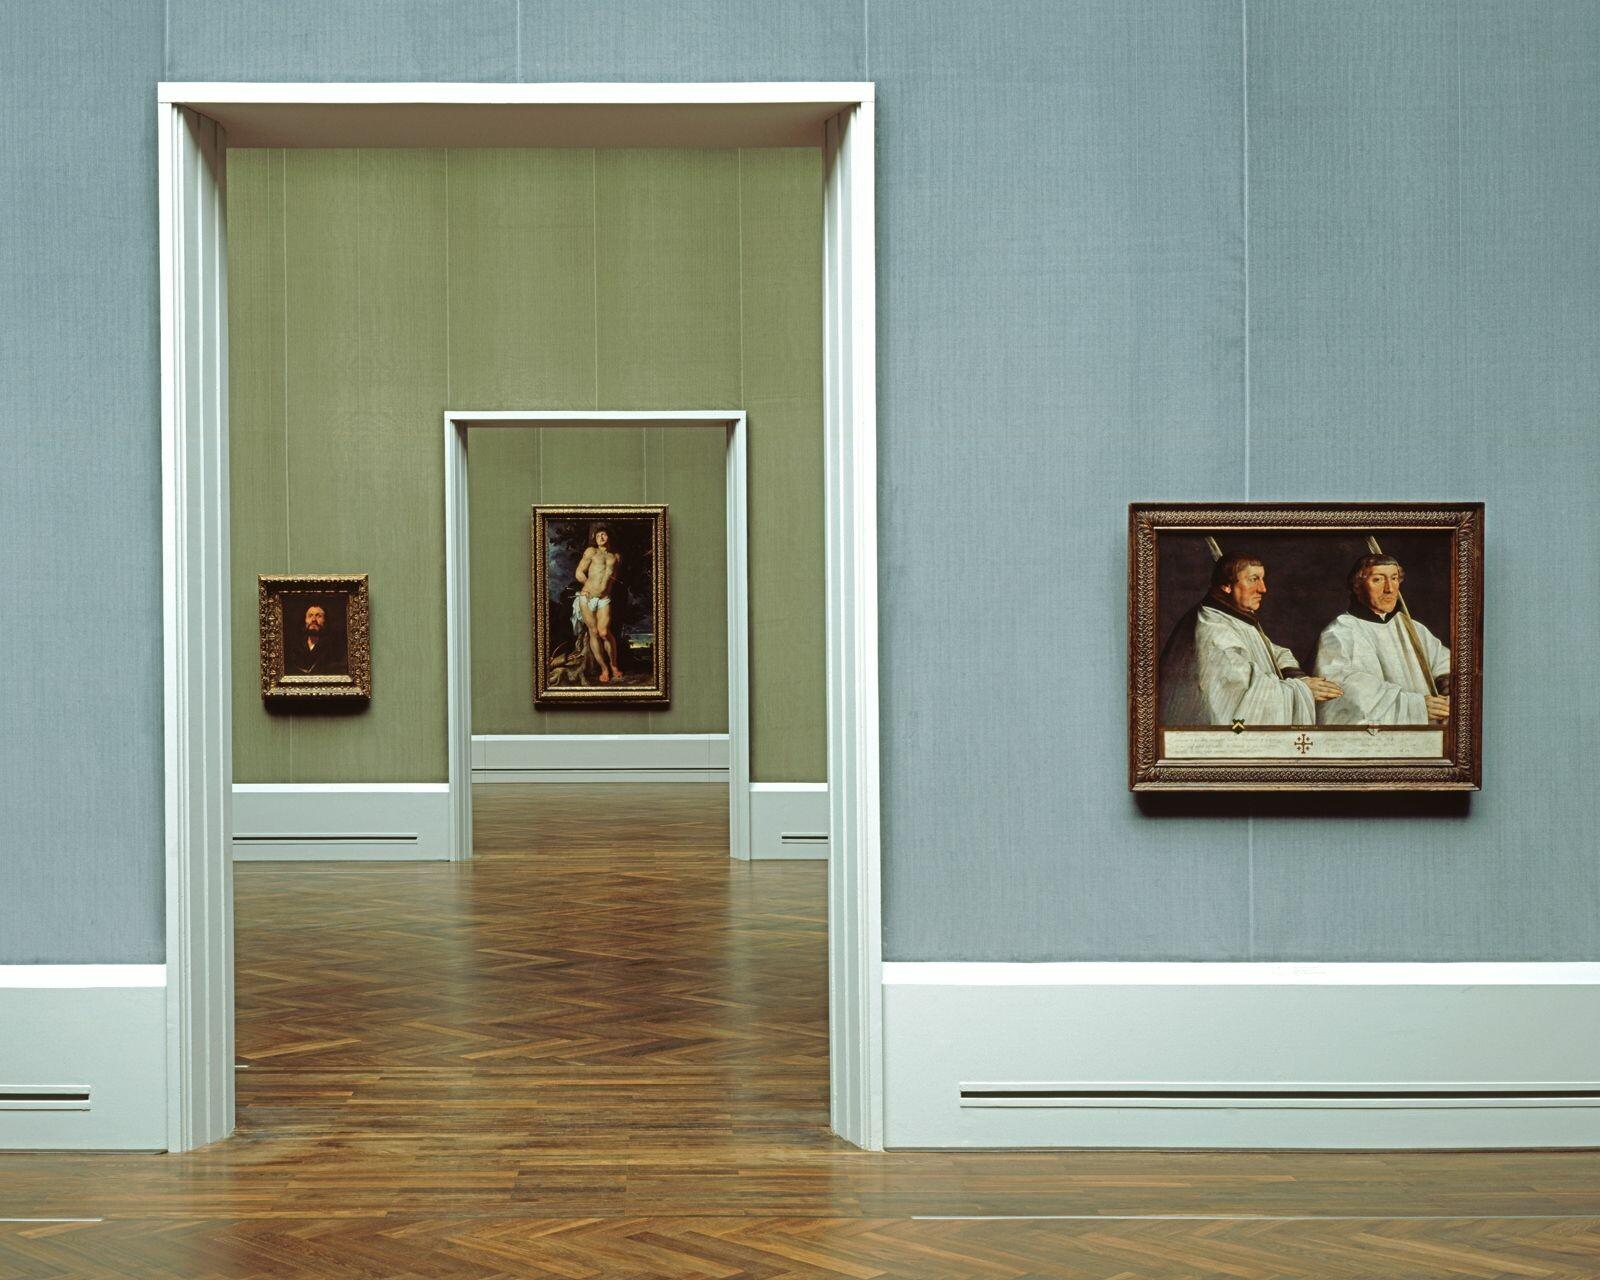 Gemäldegalerie blau/grün - Reinhard Görner